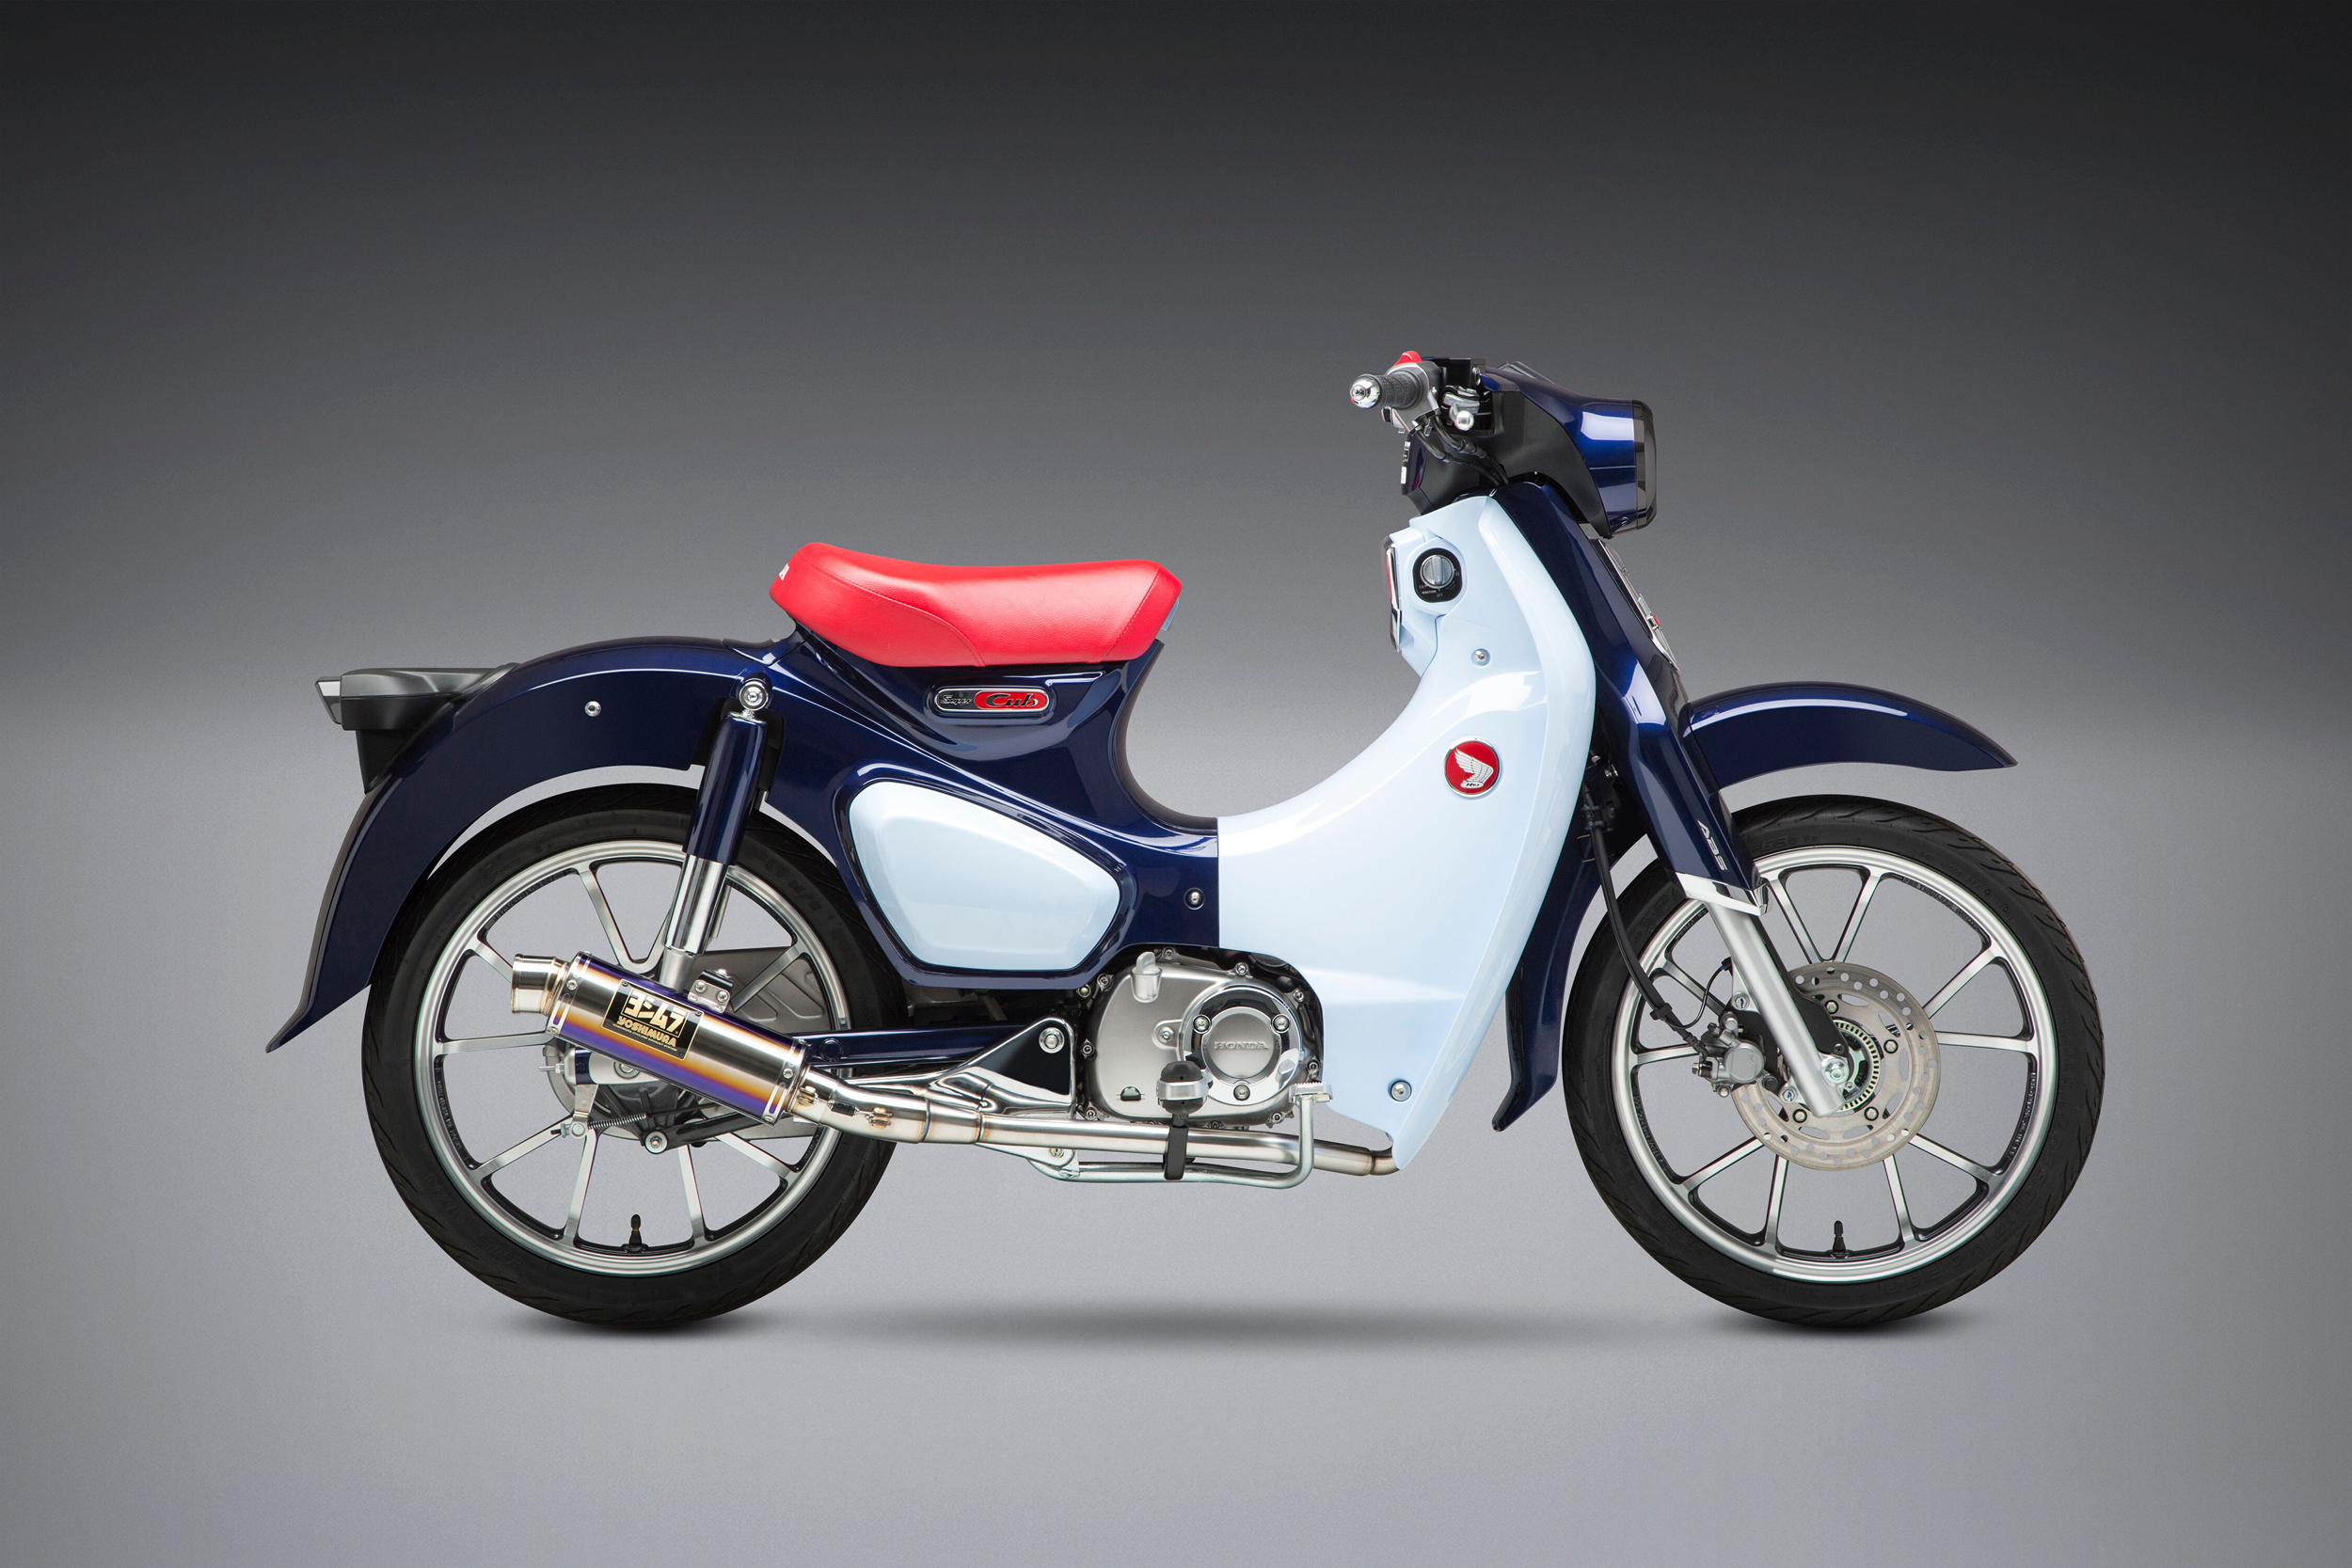 2019 Honda Super Cub with Yoshimura GP-Magnum titanium Race Series system